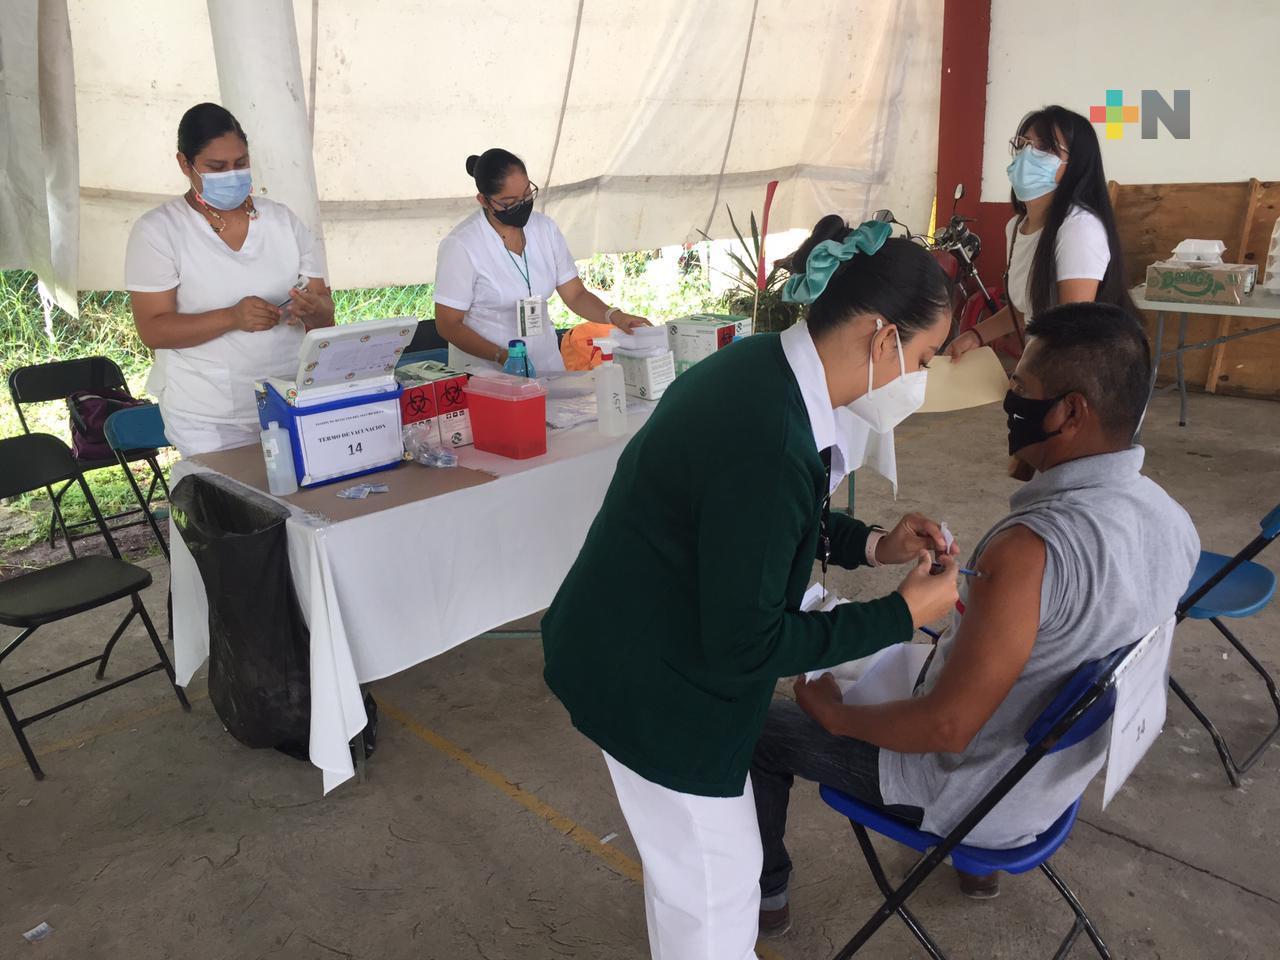 Sigue vacunación en Emiliano Zapata, esperan aplicar más de 7 mil dosis de AstraZeneca